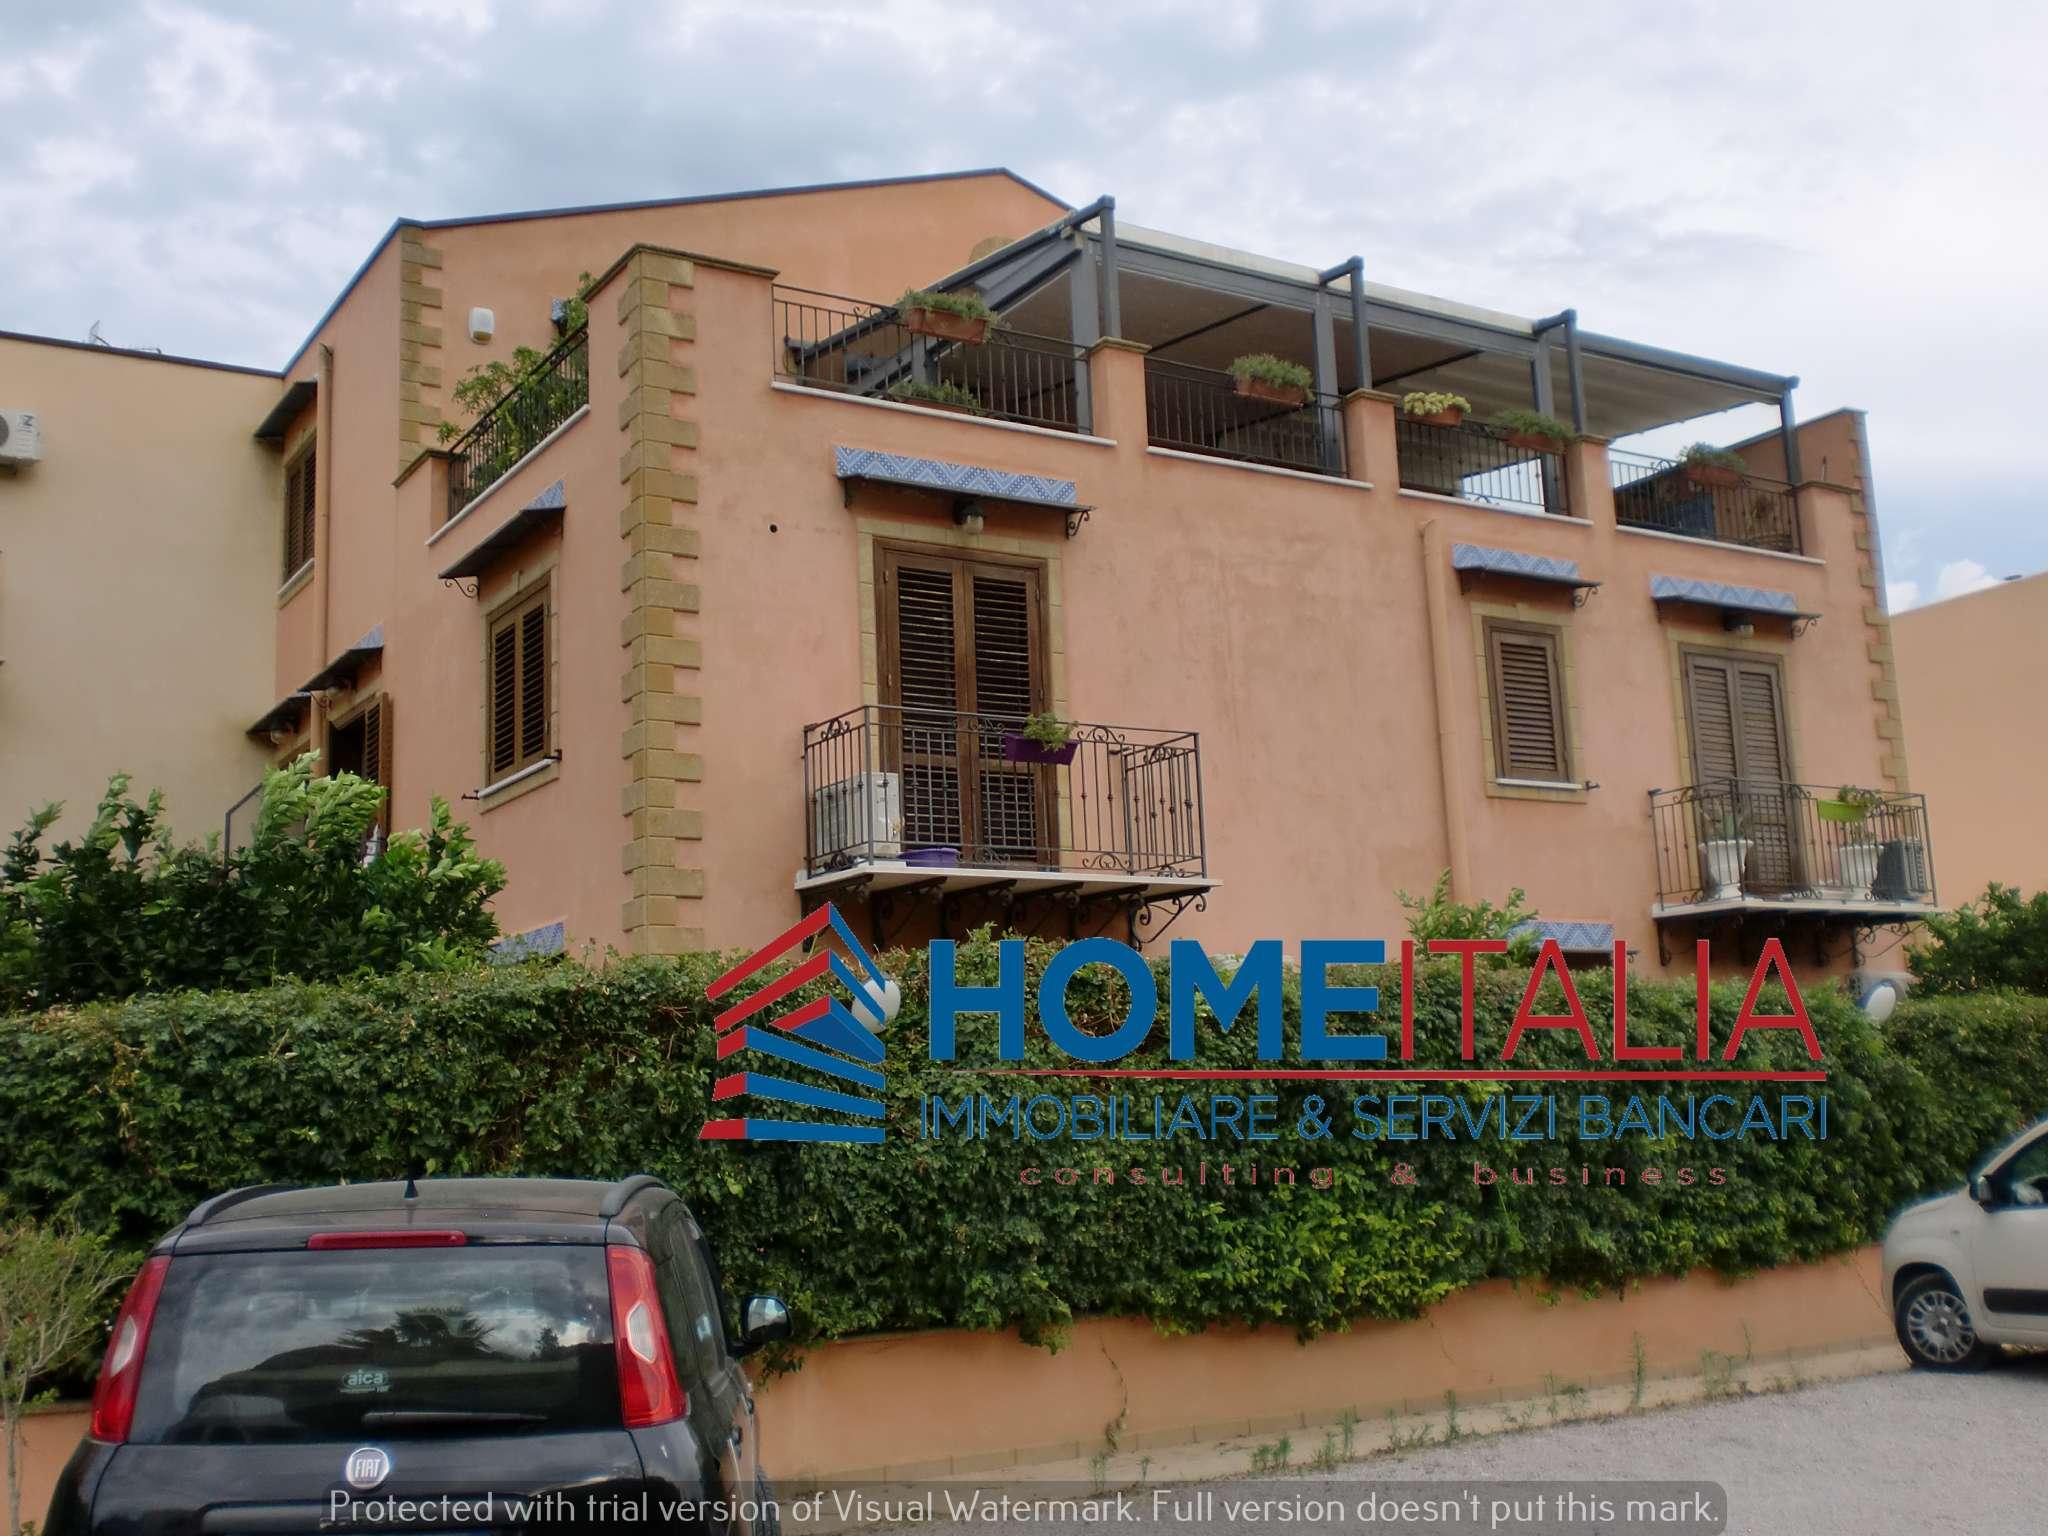 Attico / Mansarda in vendita a Santa Flavia, 5 locali, prezzo € 250.000   PortaleAgenzieImmobiliari.it